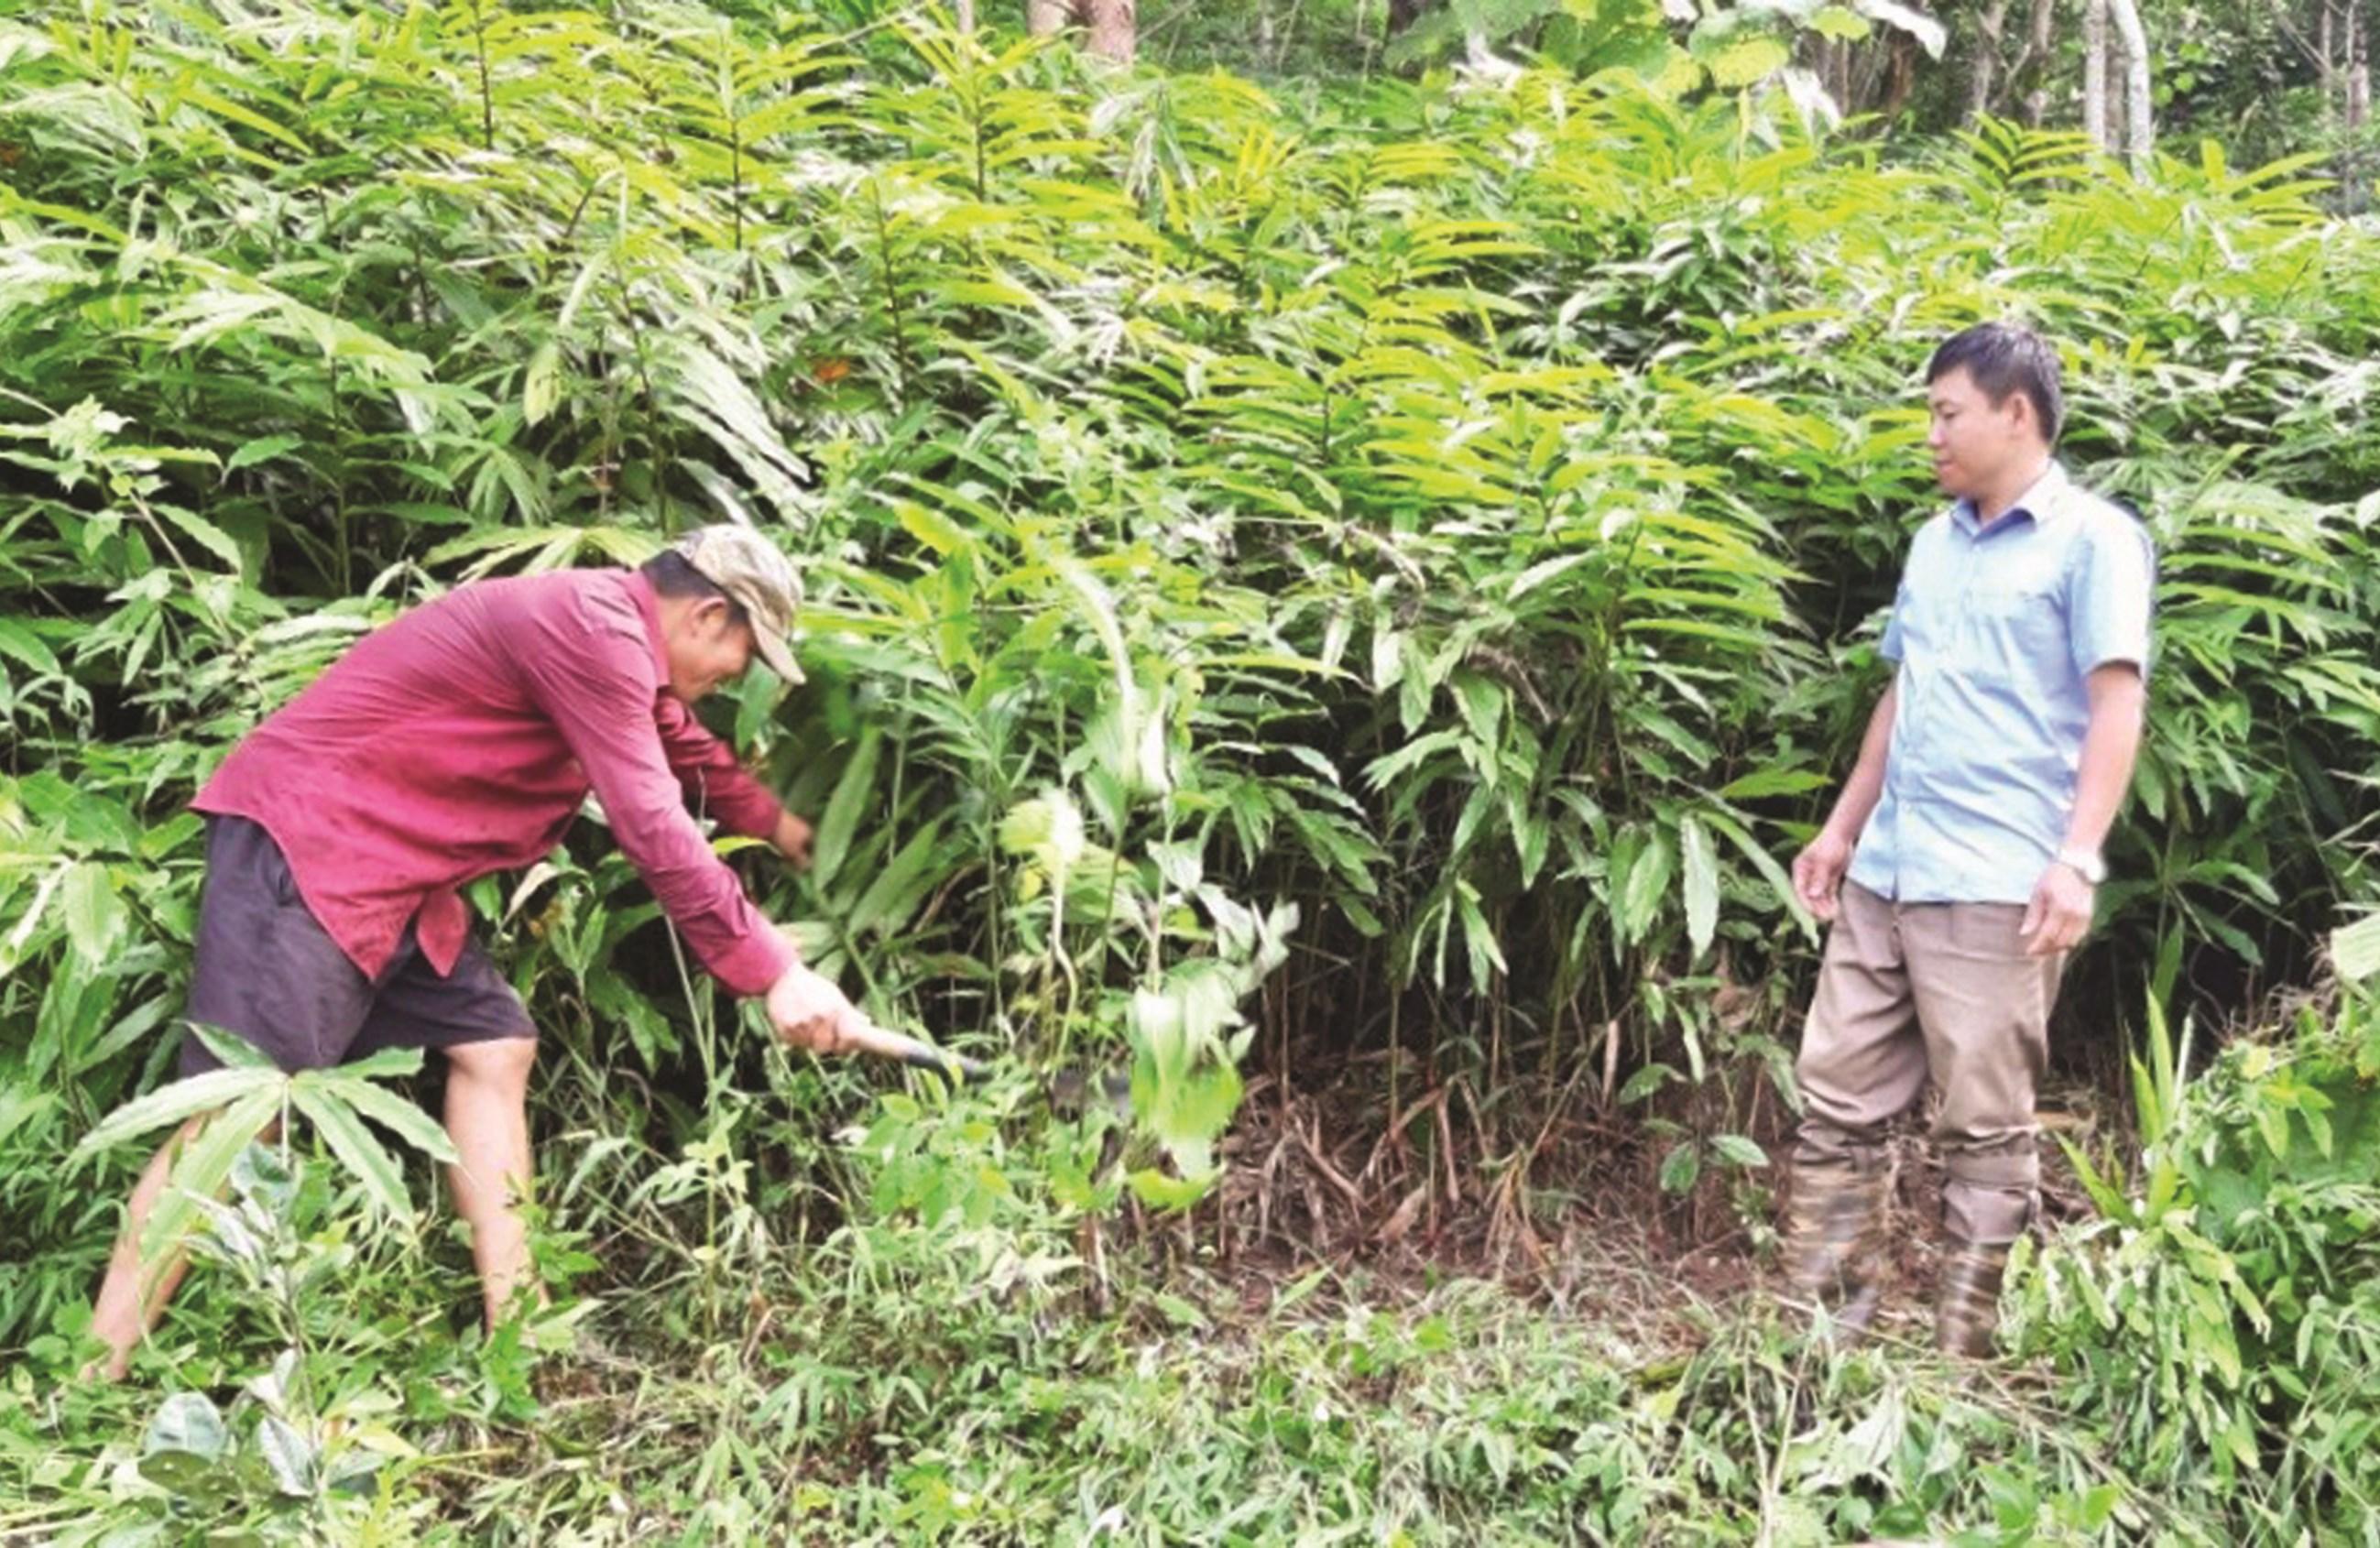 Nhiều sản phẩm nông nghiệp chưa có đầu ra ổn định.